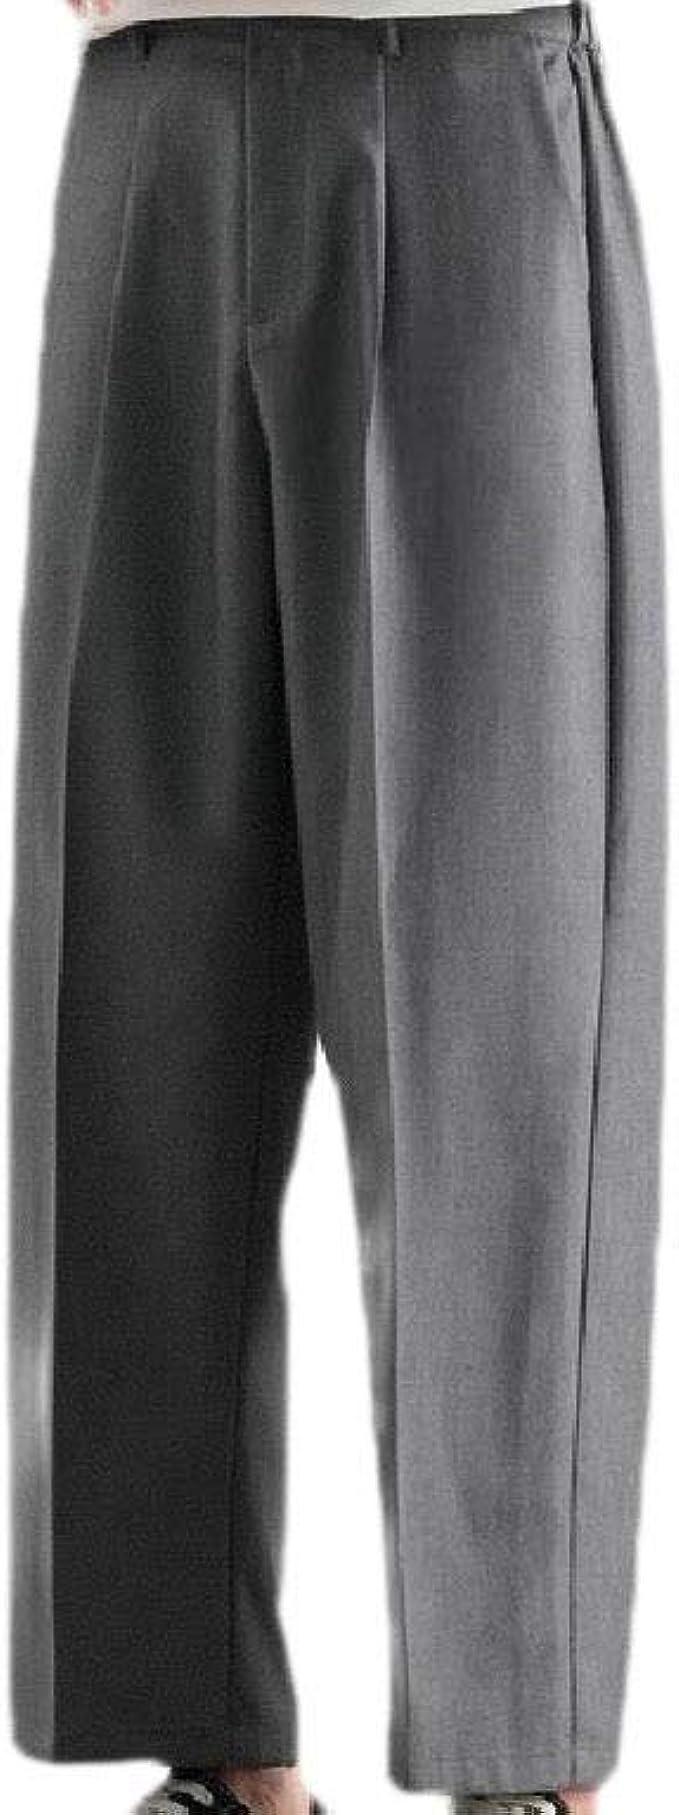 Kankanluck ポケットソリッドファッション弾性ウエストビジネススーツパンツでメンズラッフル